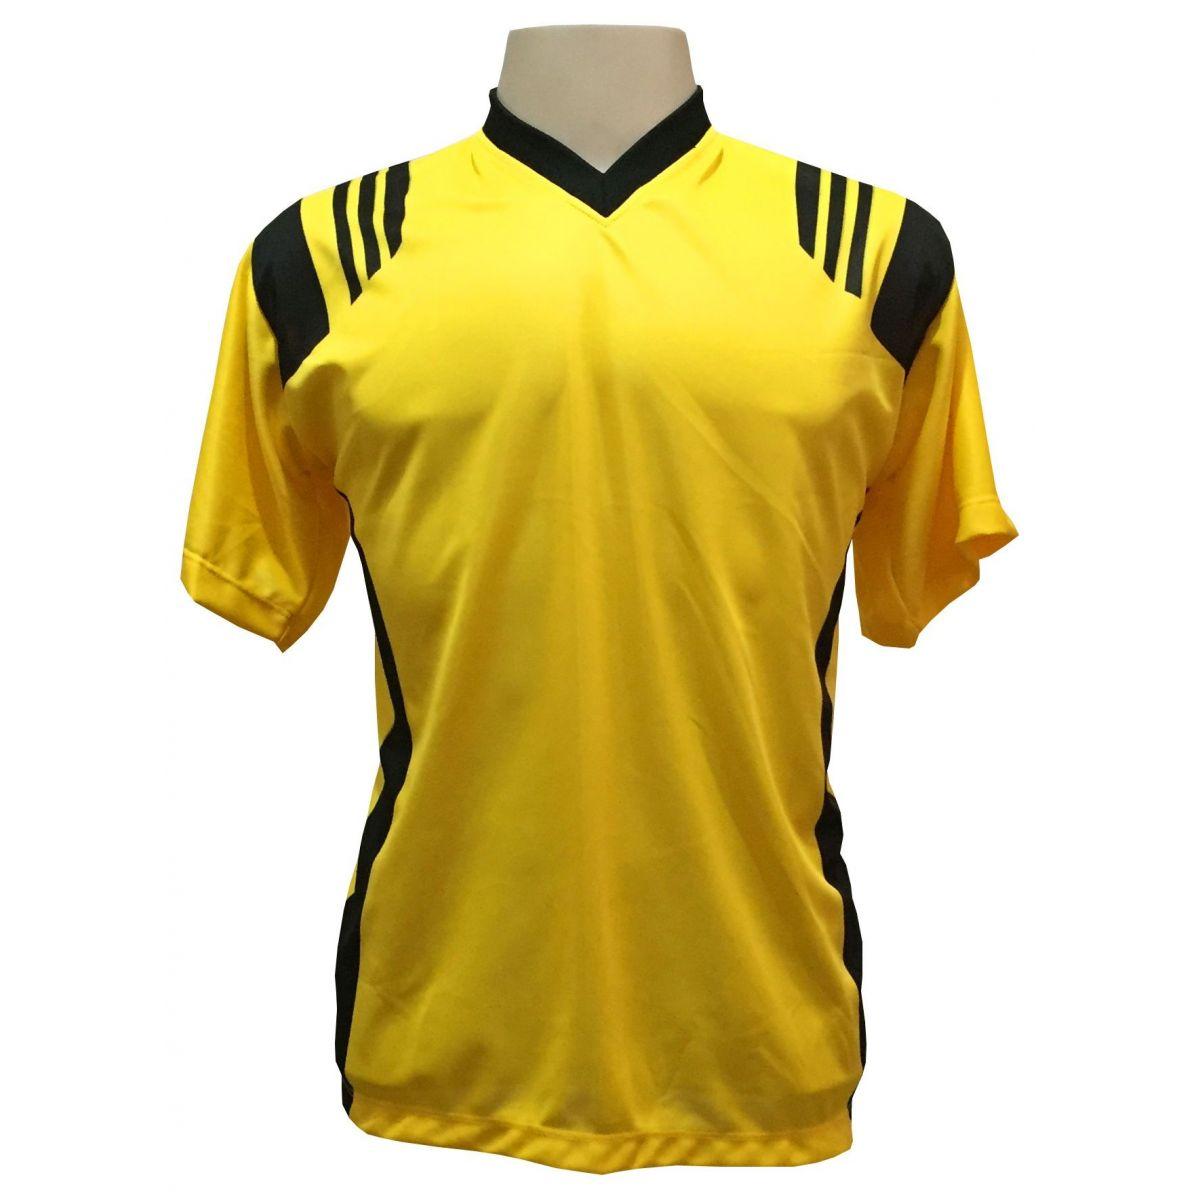 Jogo de Camisa com 12 unidades modelo Roma Amarelo/Preto